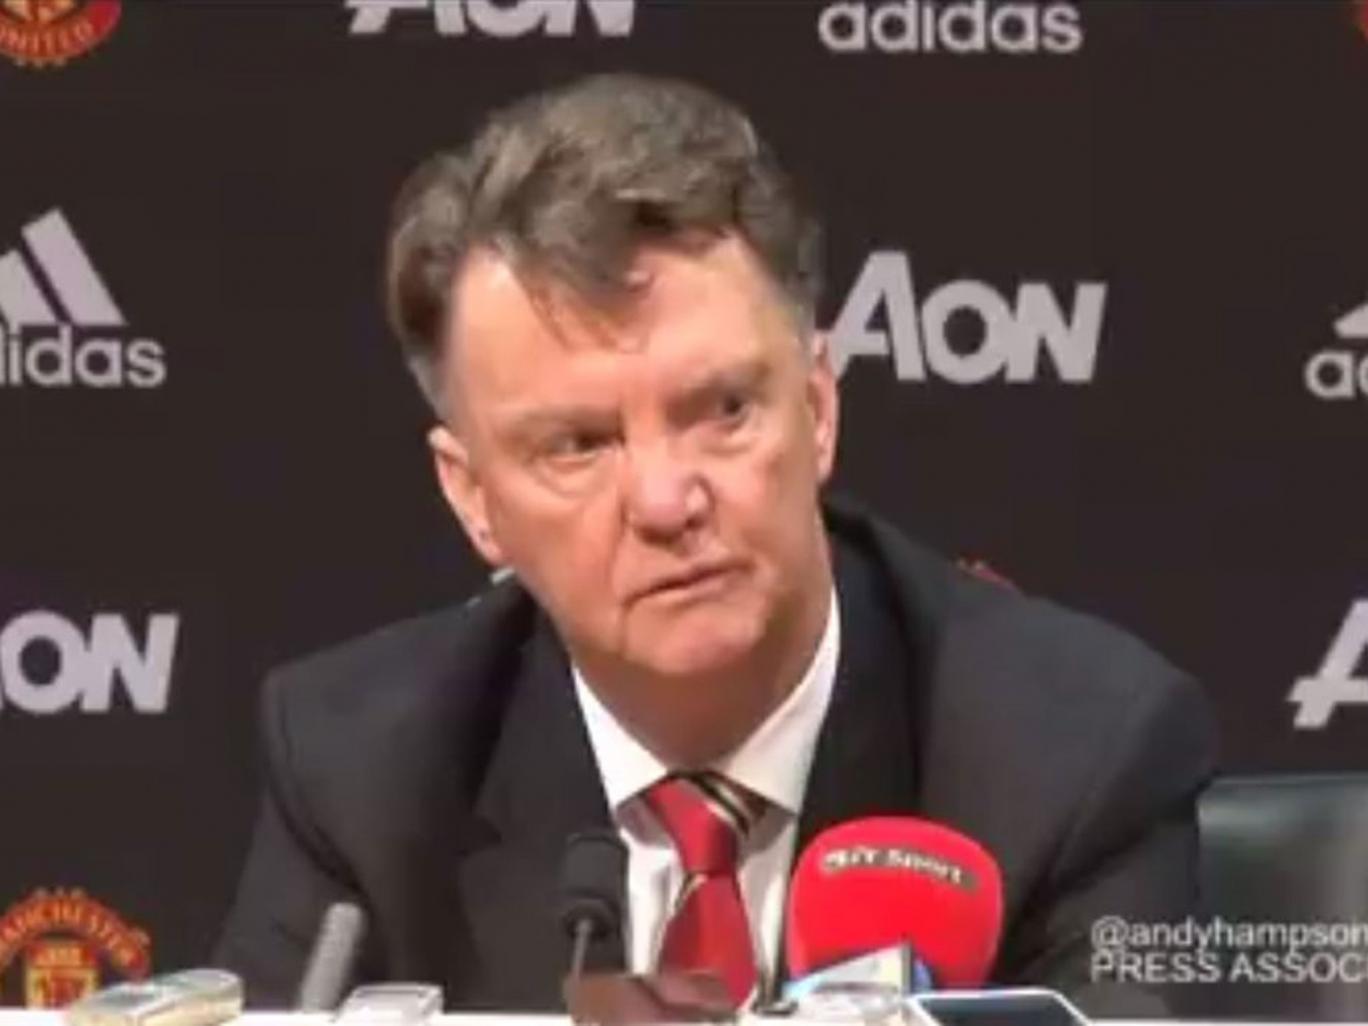 Louis van Gaal has not seen his team beat Swansea in three meetings.